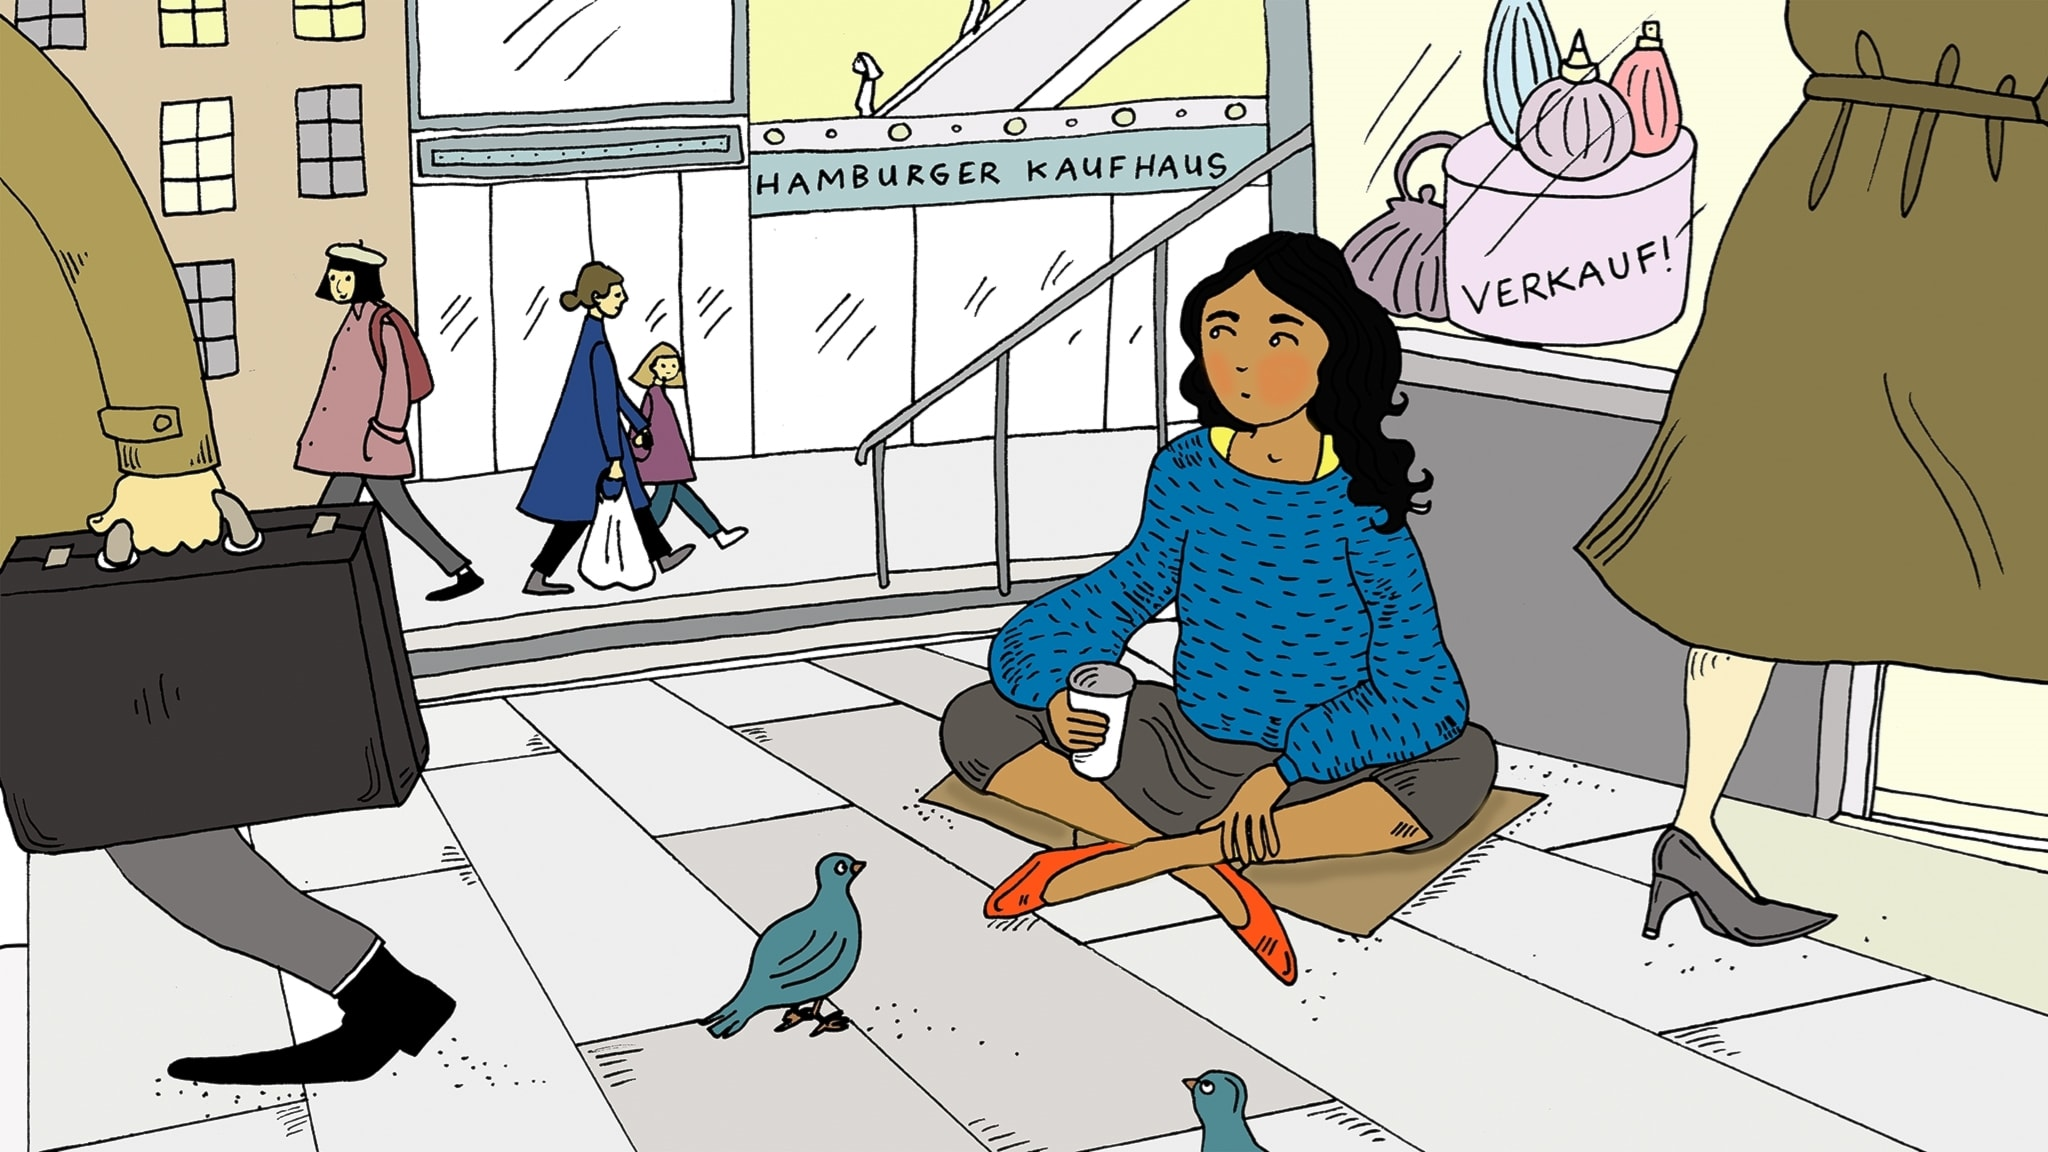 Pippi i Rinkeby, del 2 - Pippi sitter på marken utanför en affär. Bild: Amanda Eriksson